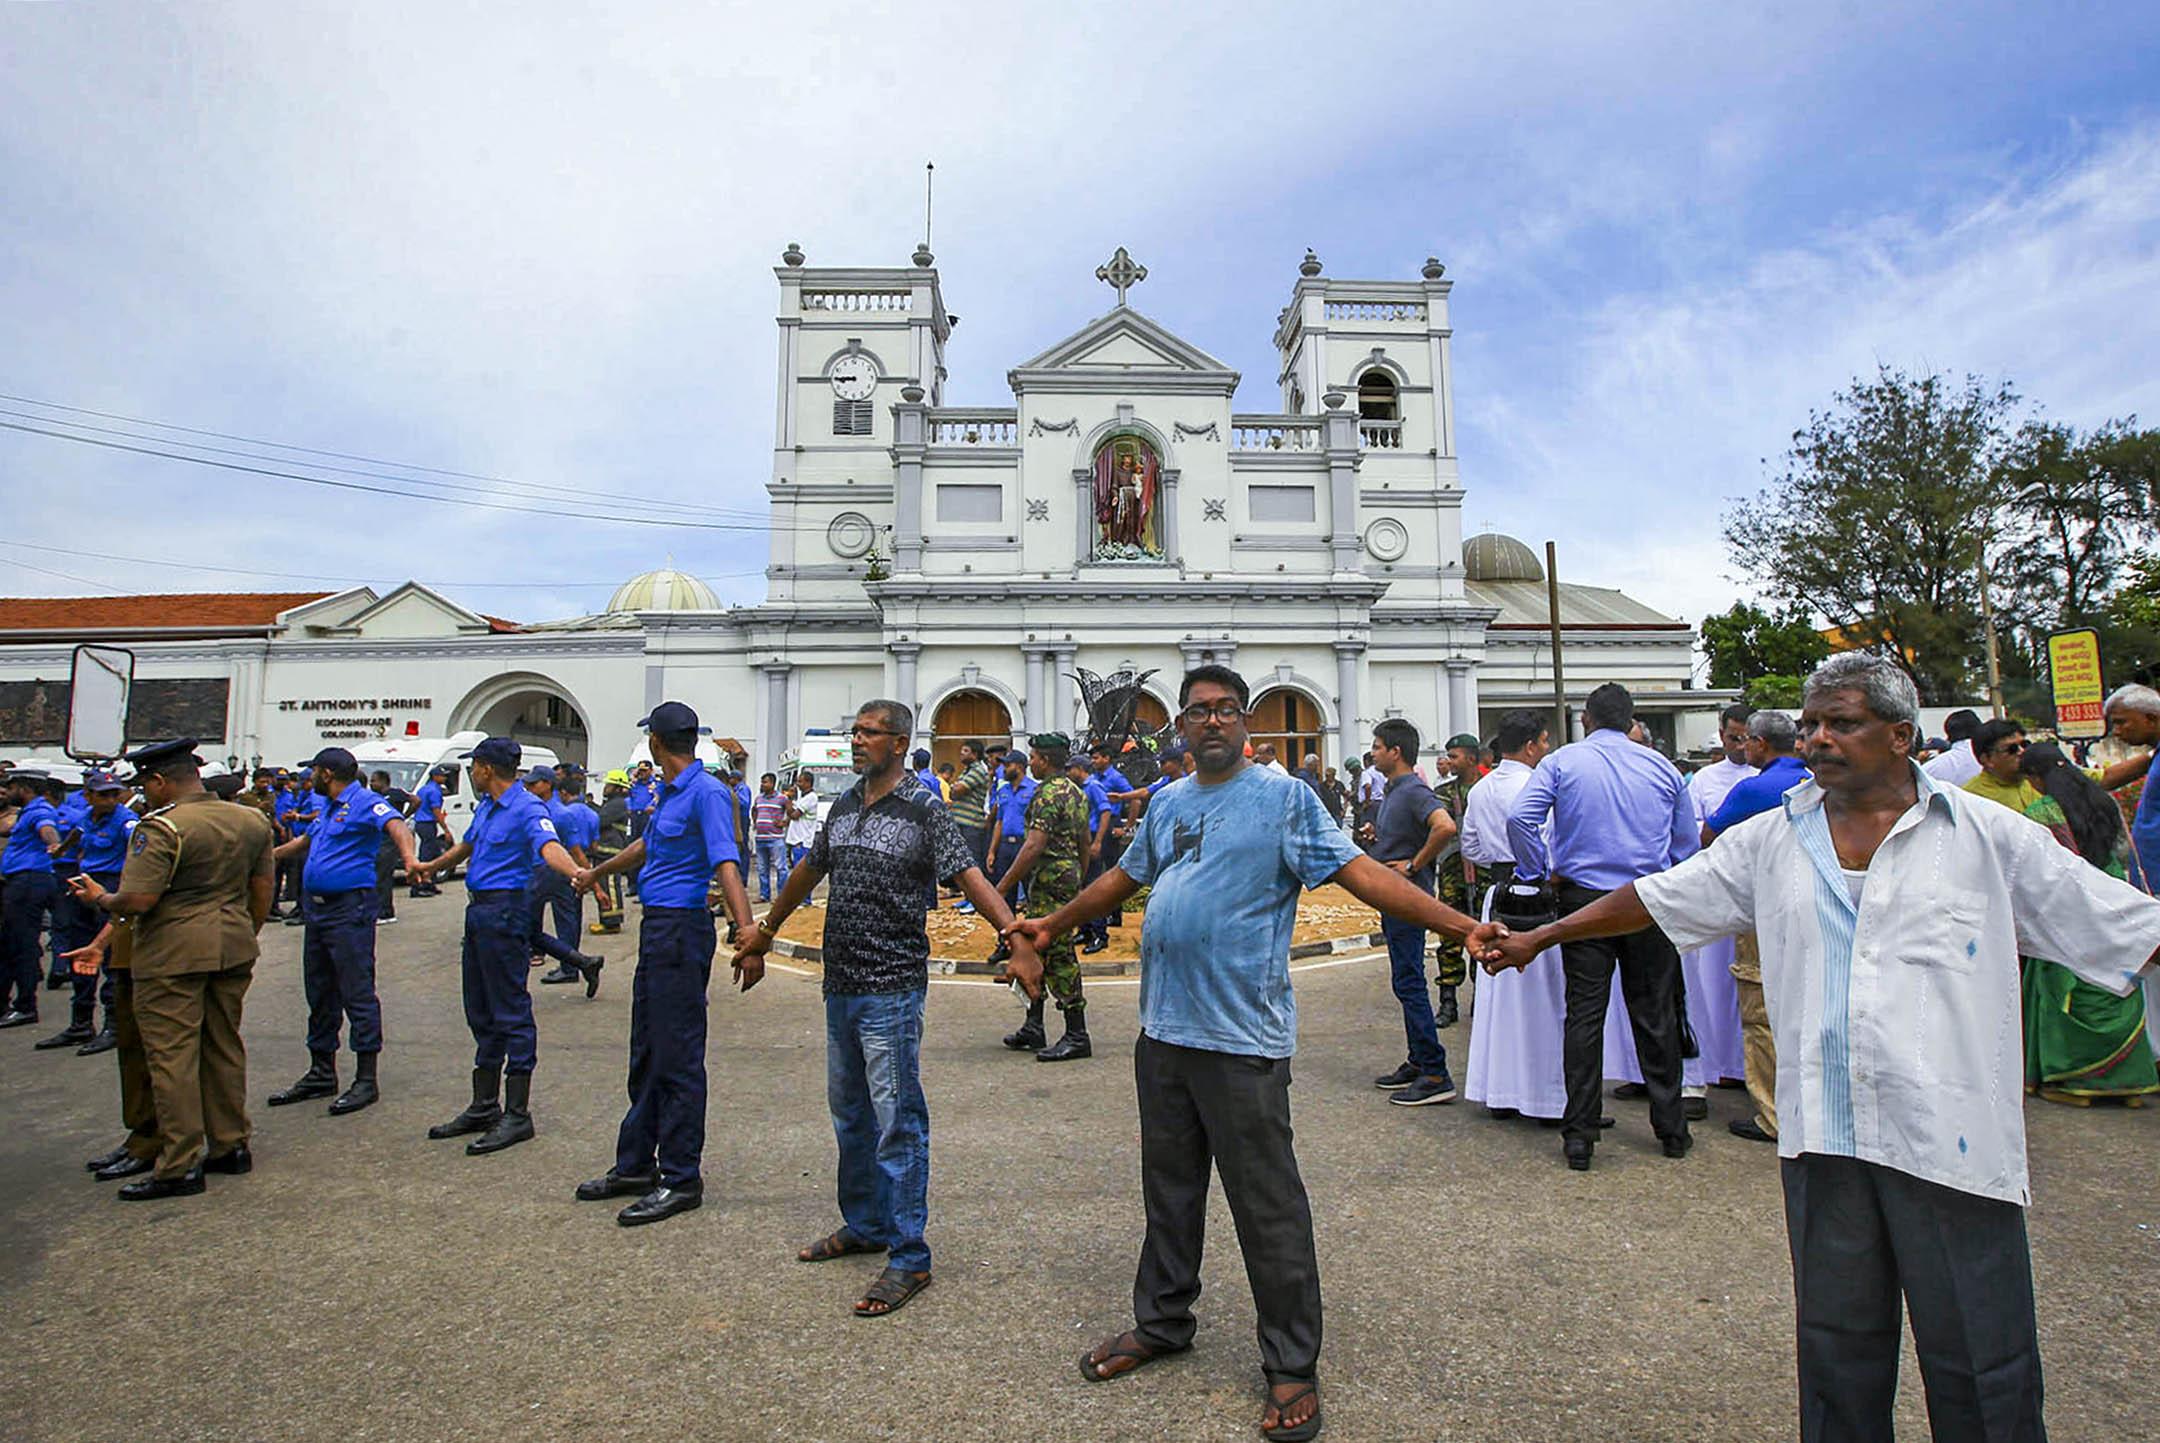 2019年4月21日,斯里蘭卡爆炸襲擊現場,安全人員守在遭襲擊的教堂外。  攝:Rohan Karunarathne/AP